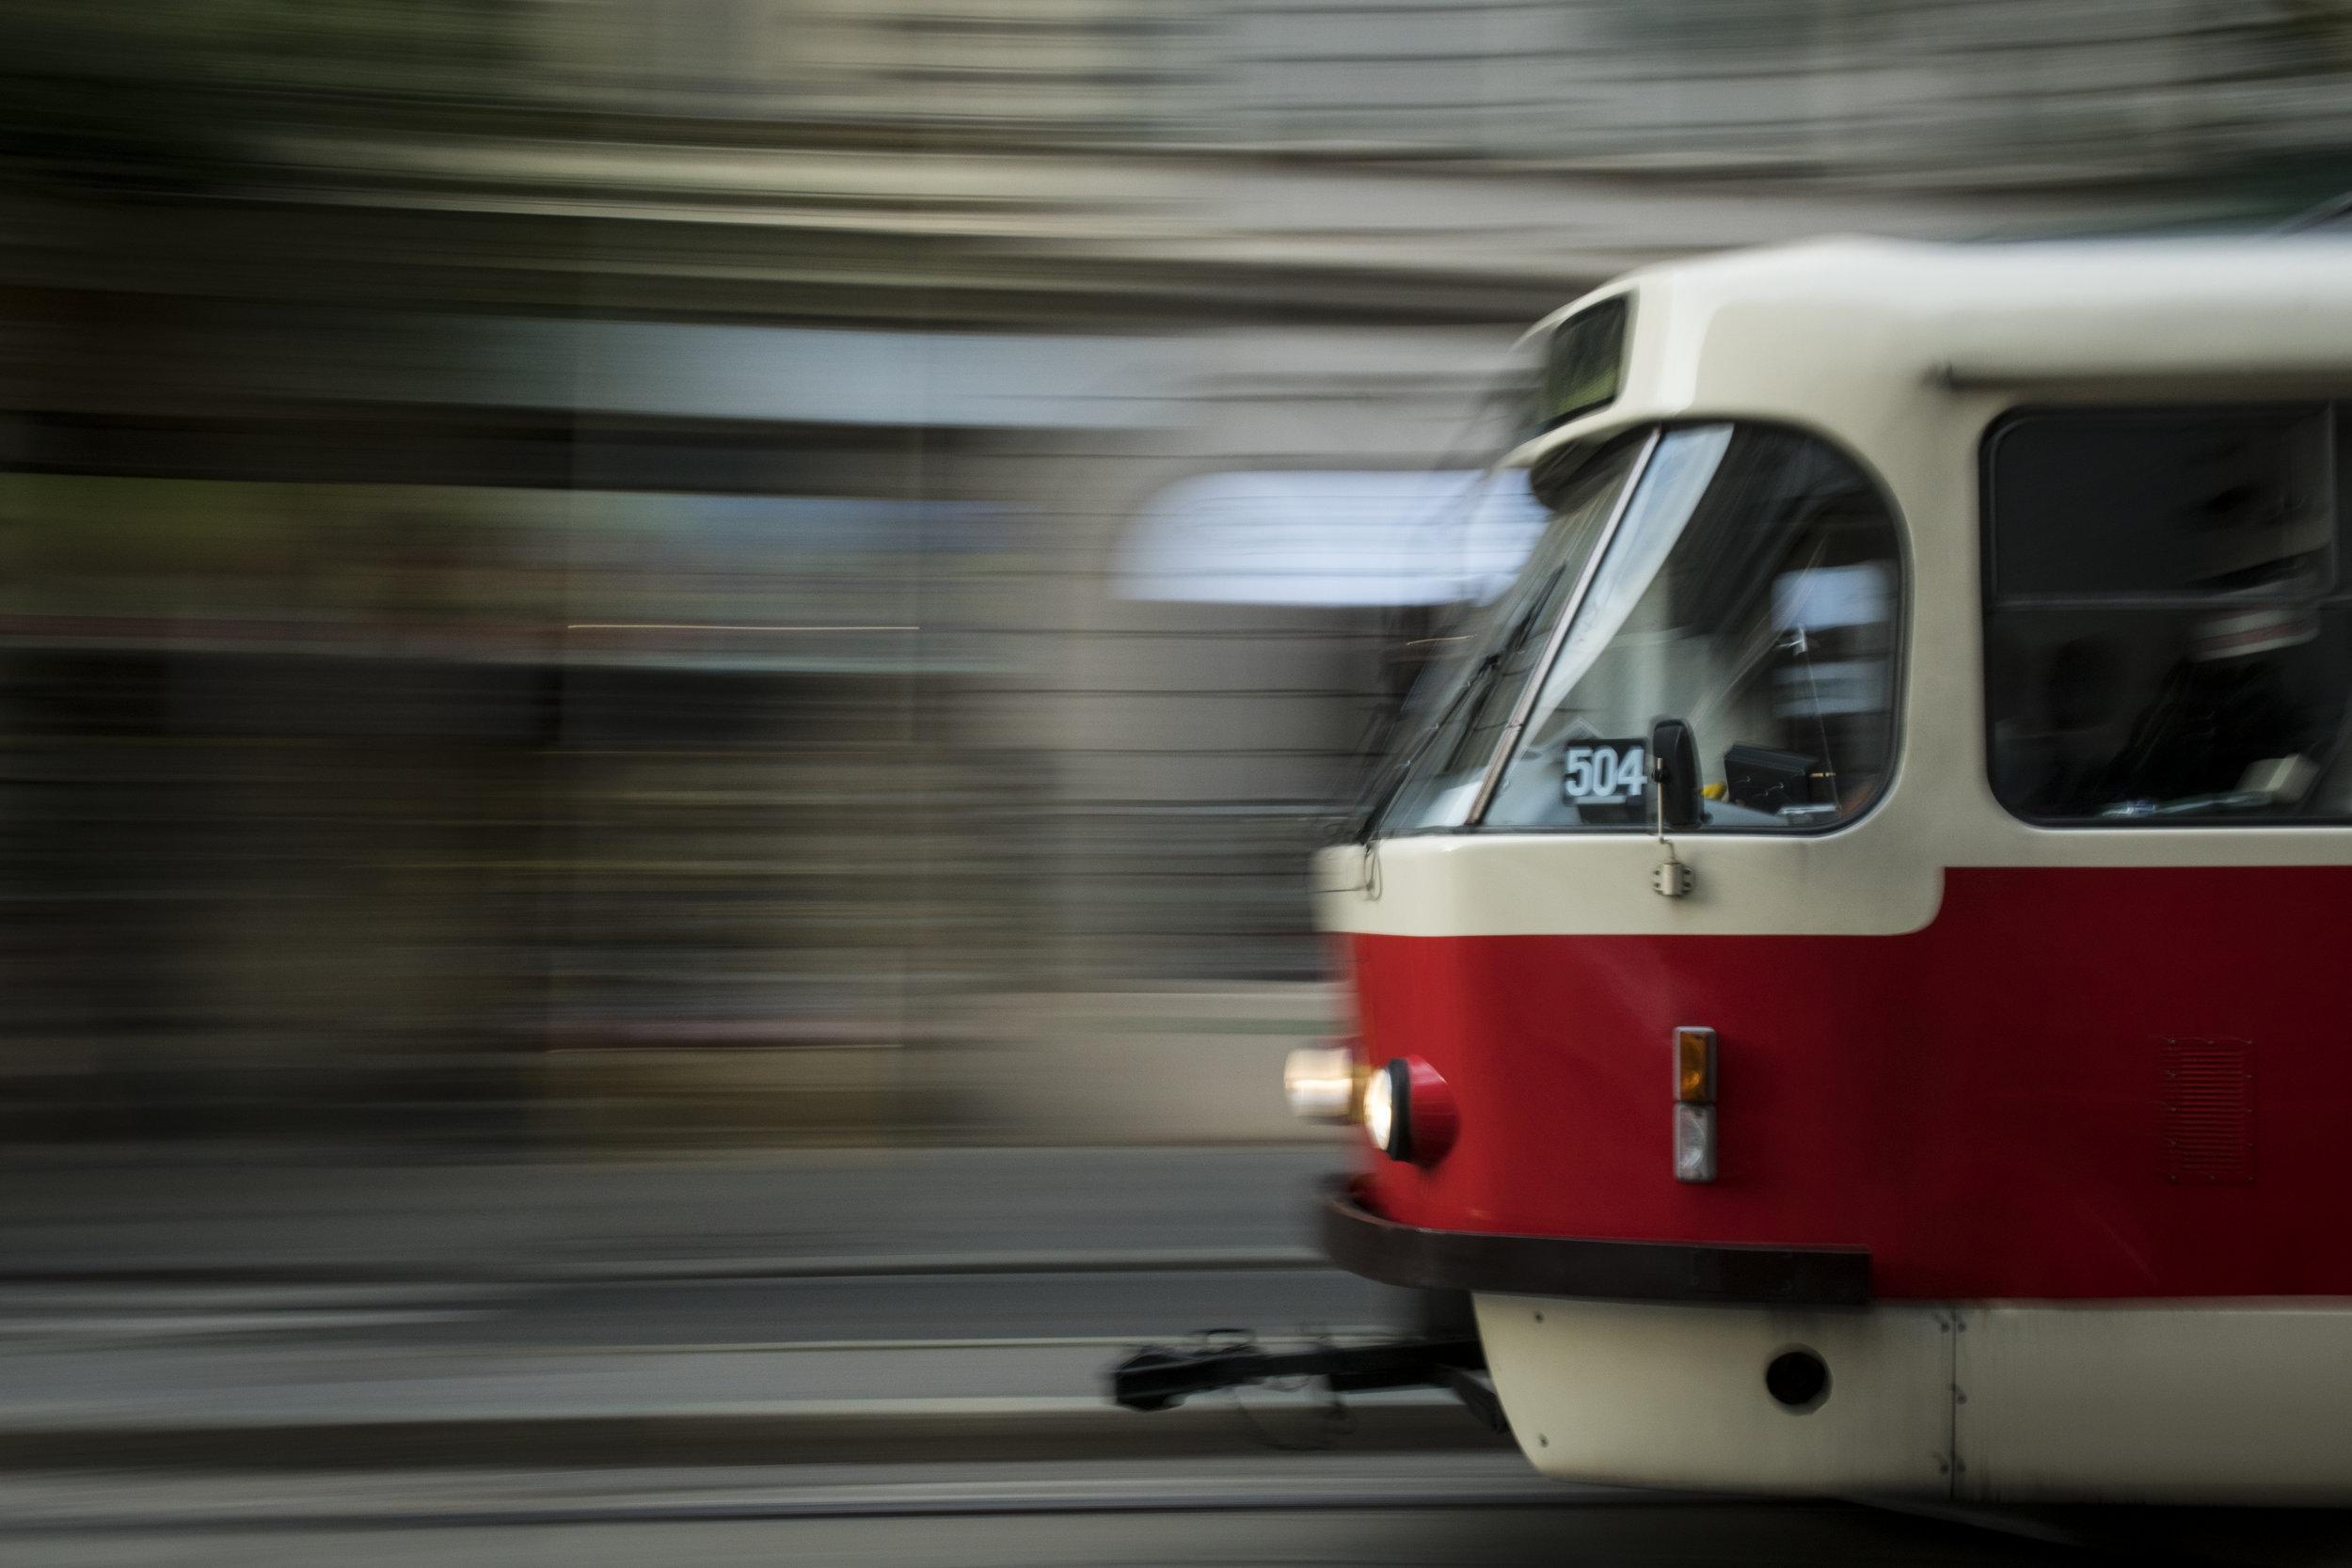 Prague TatrA T3 tram  PHOTOGRAPHY: ALEXANDER J.E. BRADLEY • NIKON D500 • AF-S NIKKOR 24-70MM Ƒ/2.8G ED @ 29MM • Ƒ/14 • 1/8 • ISO 160